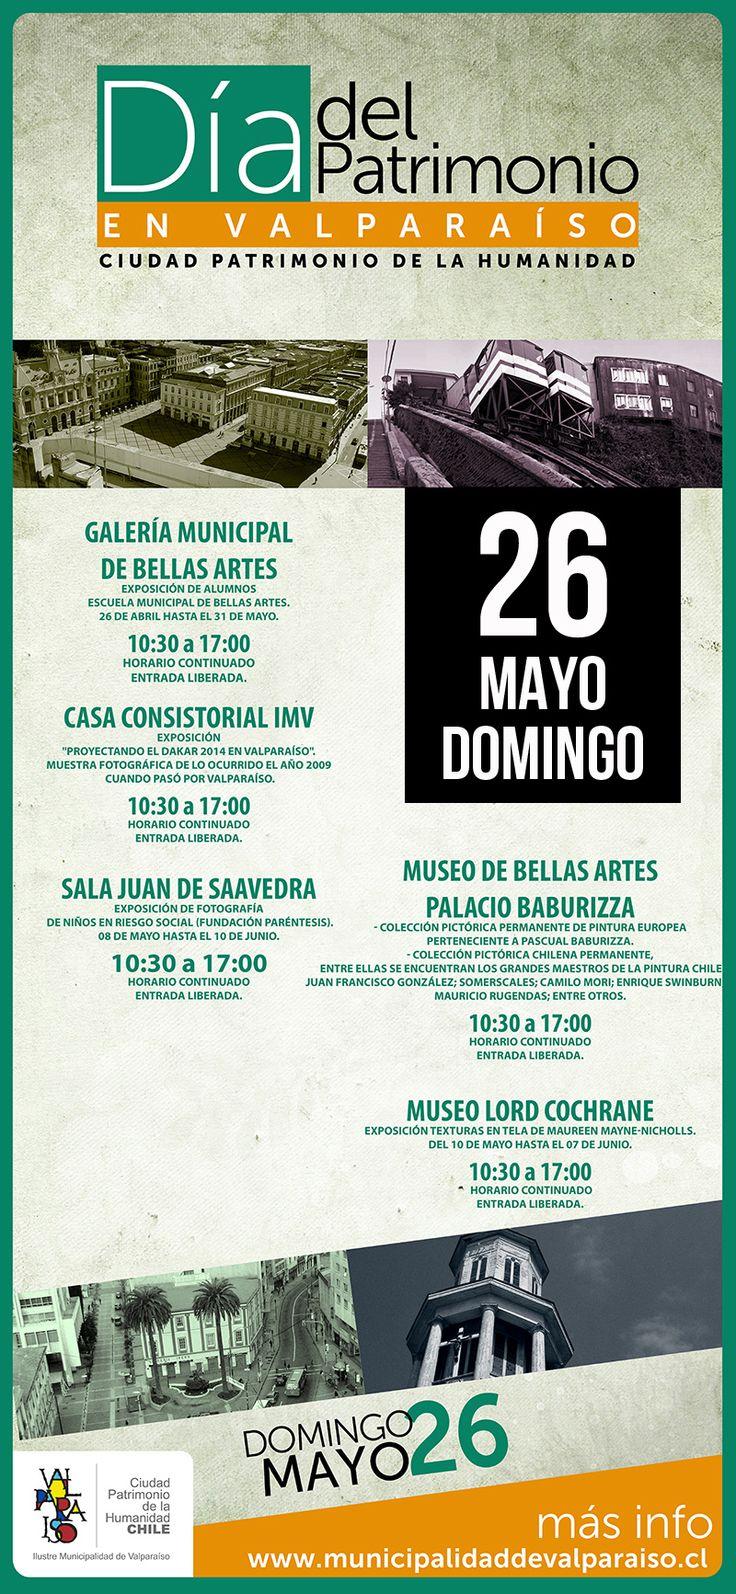 Día del Patrimonio en Valparaíso